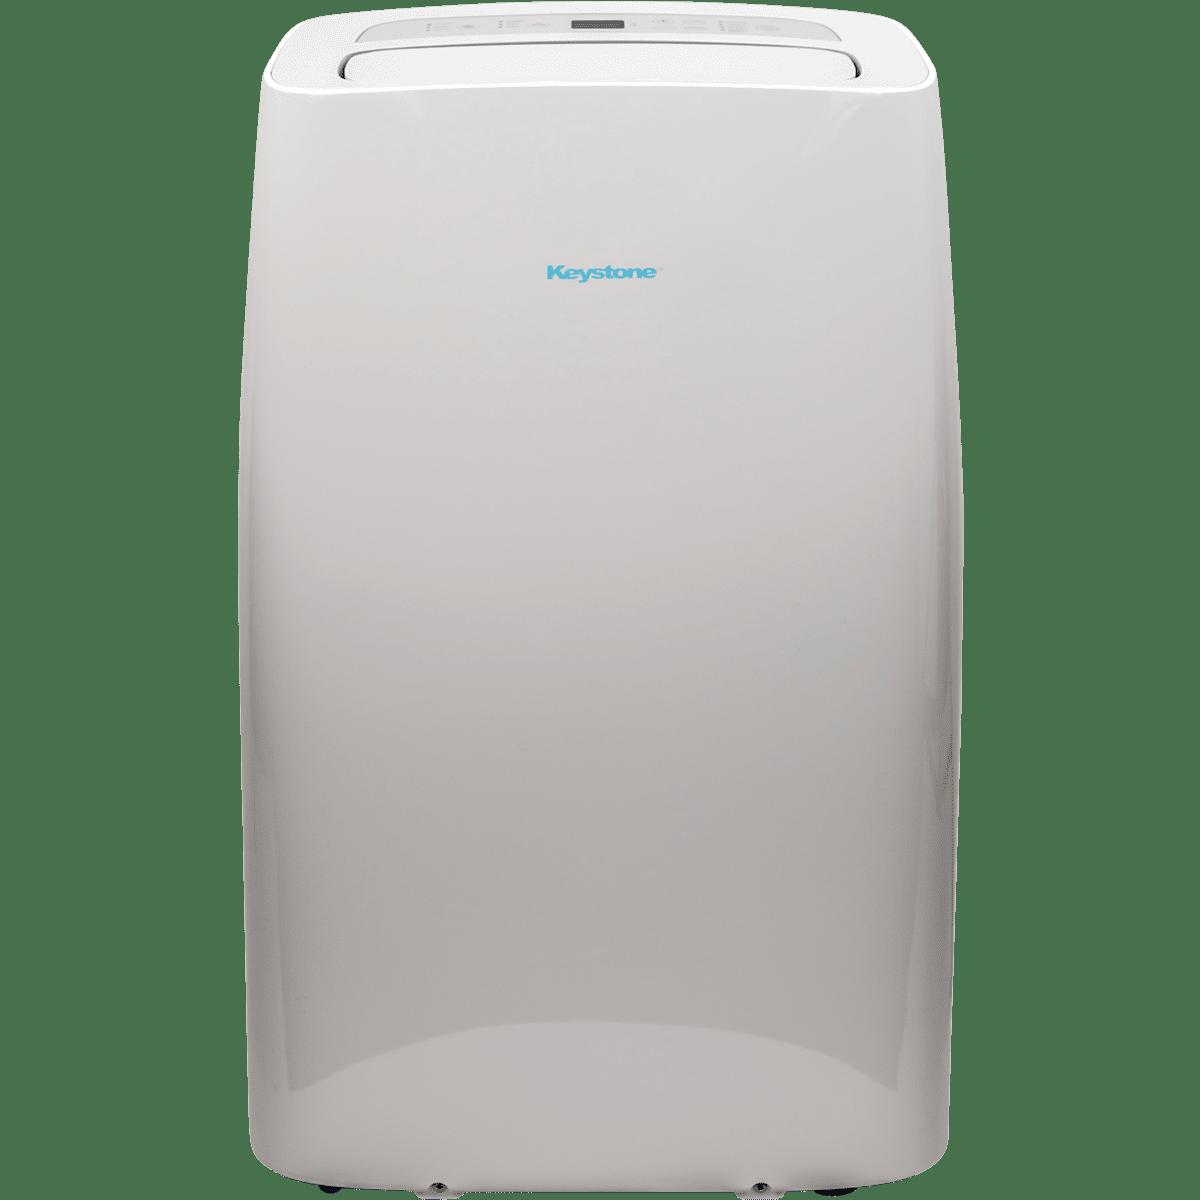 Keystone 10,000 BTU Portable Air Conditioner (KSTAP10NA) ke7684